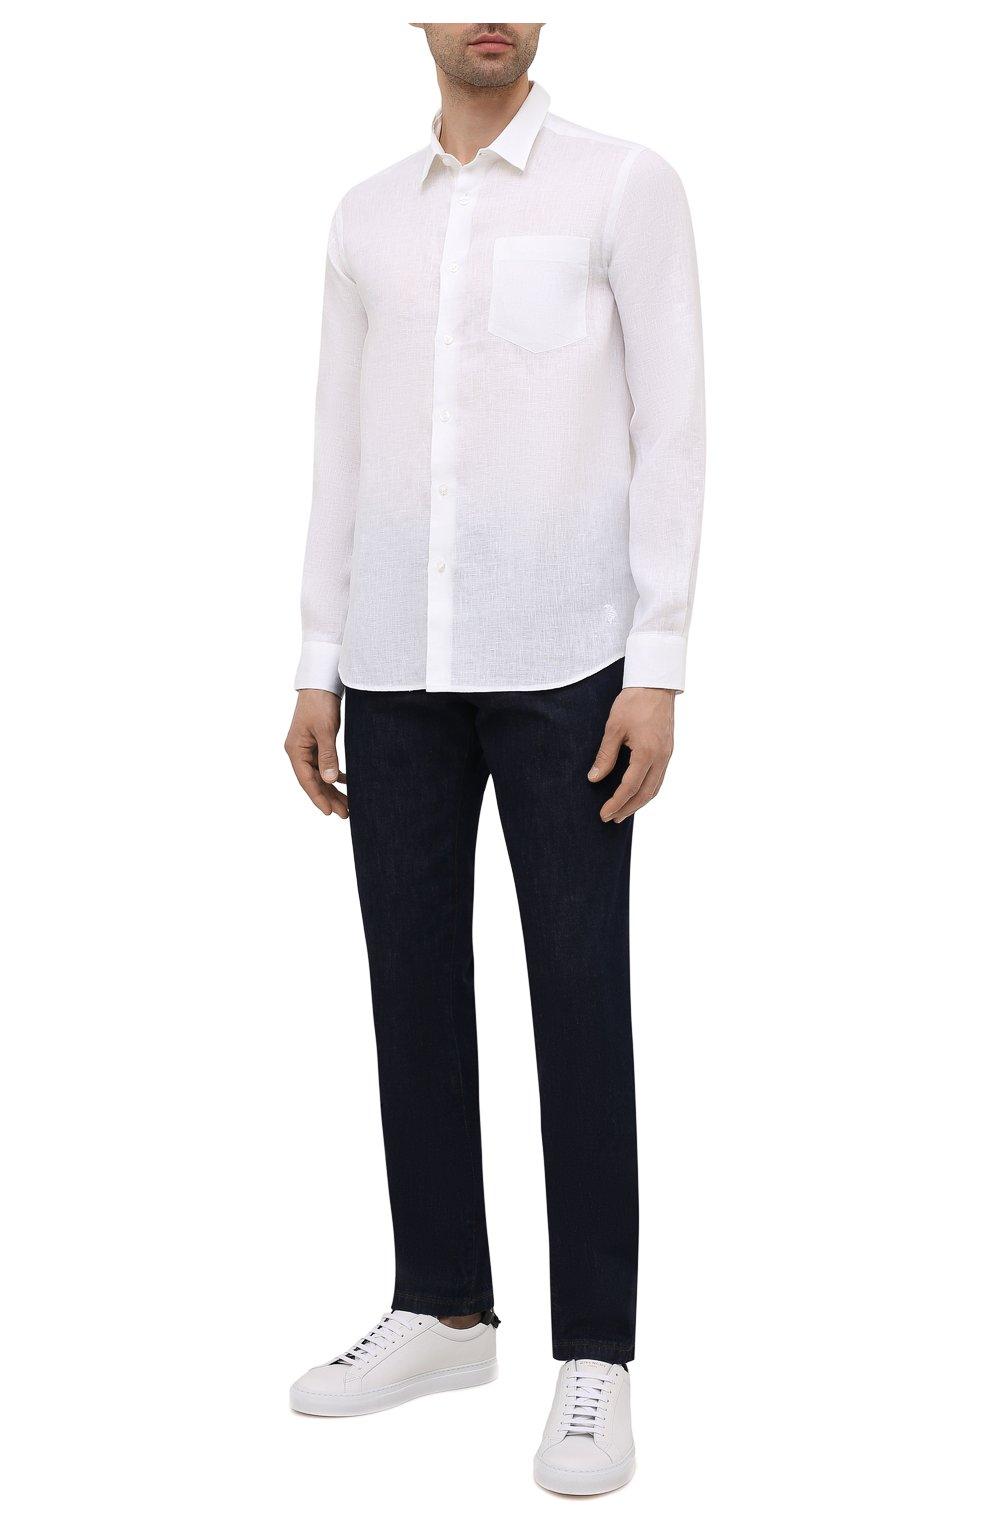 Мужская льняная рубашка VILEBREQUIN белого цвета, арт. CRSP601P/010   Фото 2 (Манжеты: На пуговицах; Воротник: Кент; Рукава: Длинные; Случай: Повседневный; Длина (для топов): Стандартные; Материал внешний: Лен; Принт: Однотонные; Стили: Кэжуэл)